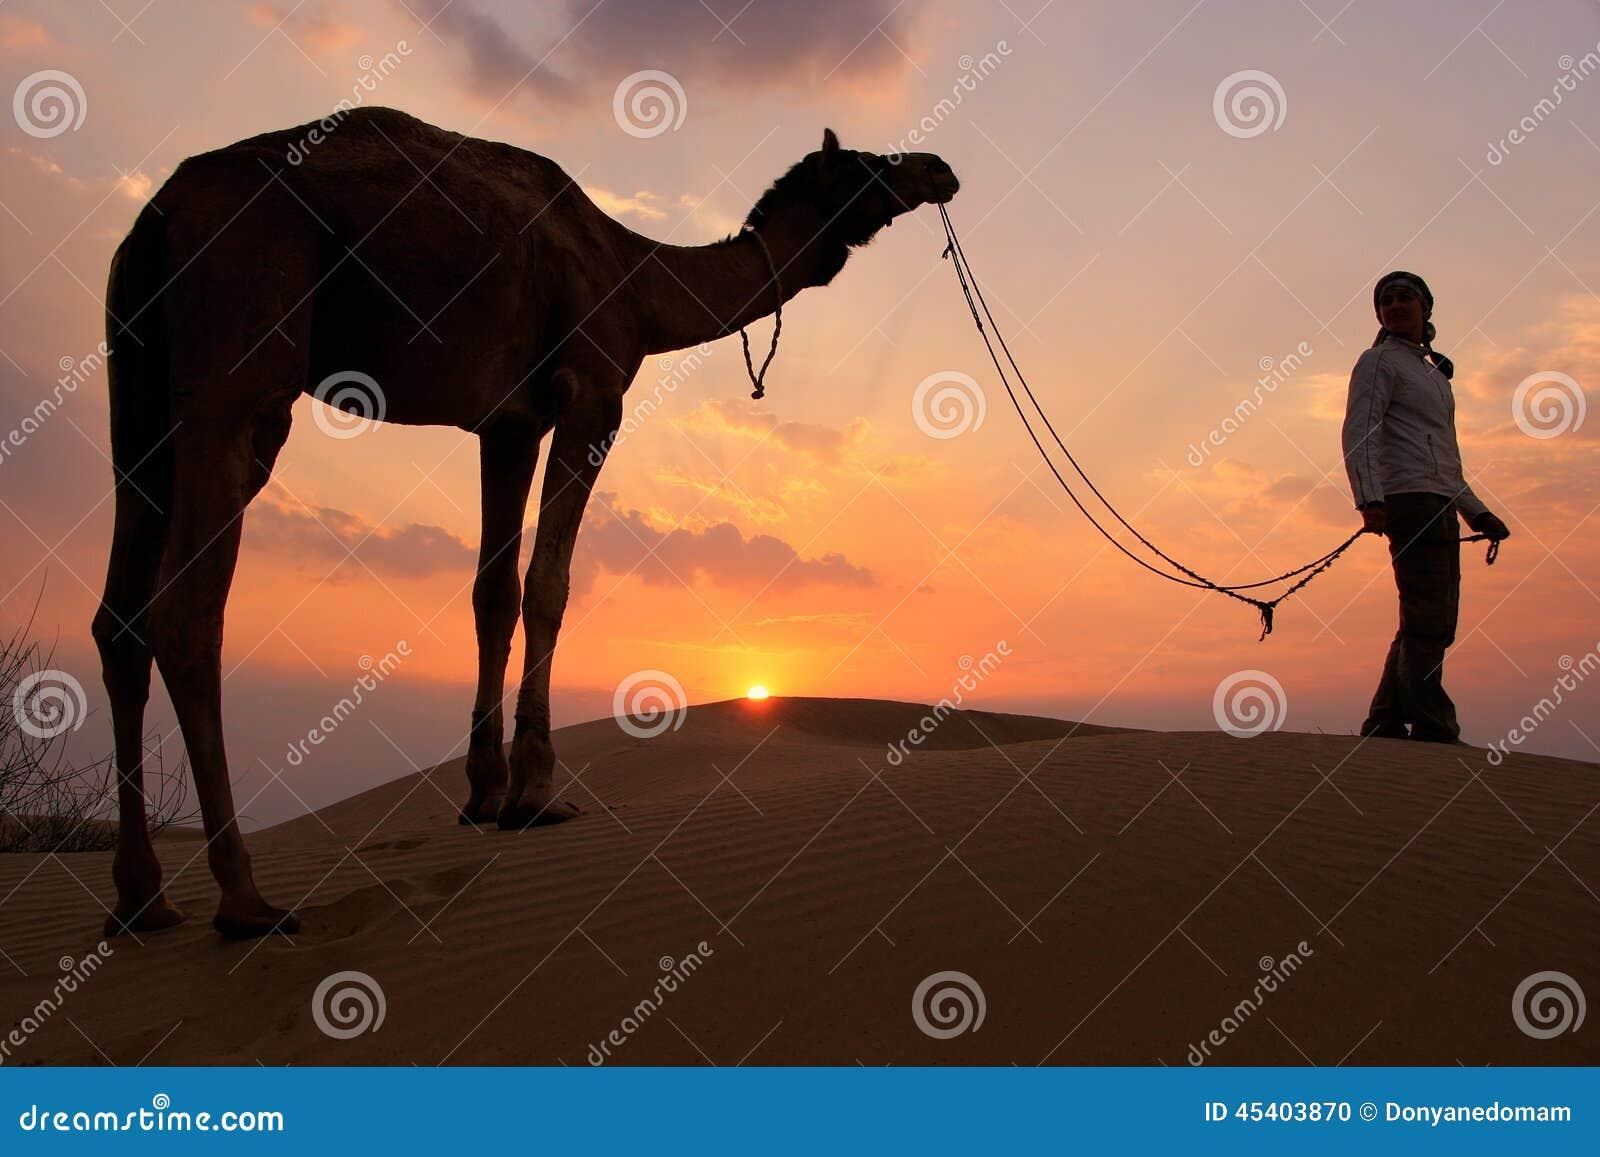 有一头骆驼的在日落,在贾伊斯附近的塔尔沙漠现出轮廓的人